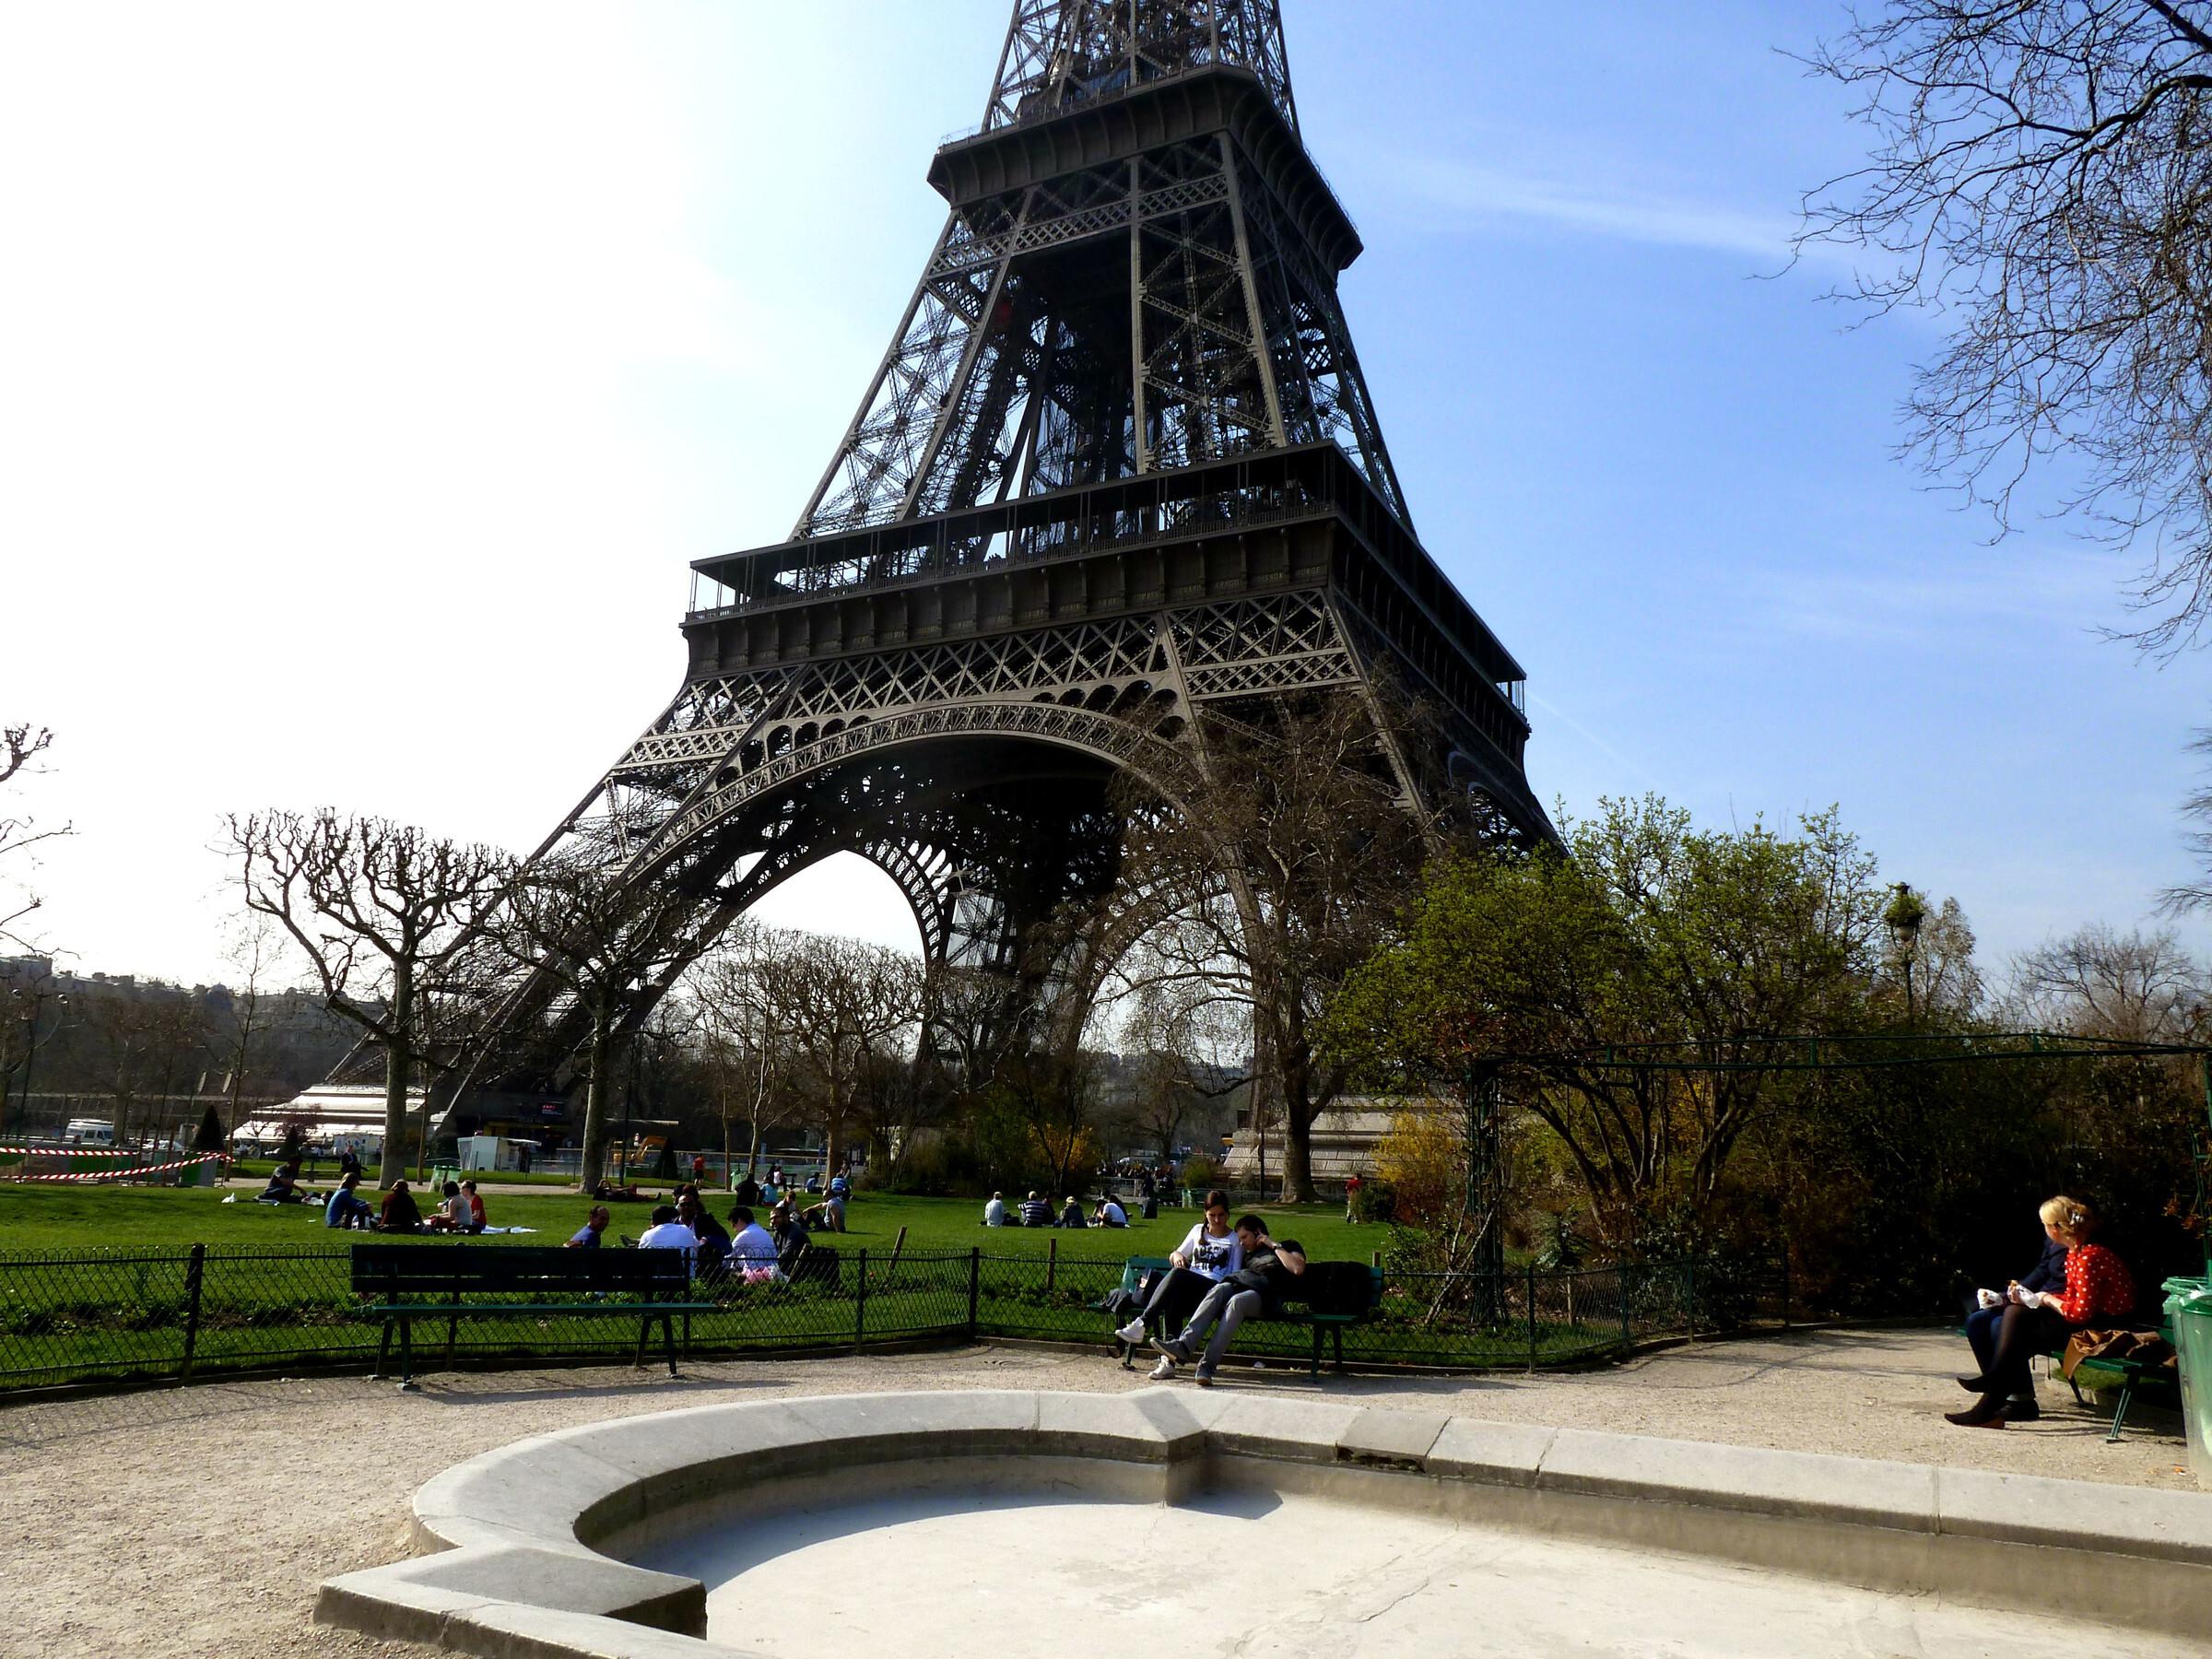 природа страны архитектура Марсово поле Париж Франция  № 824092 бесплатно